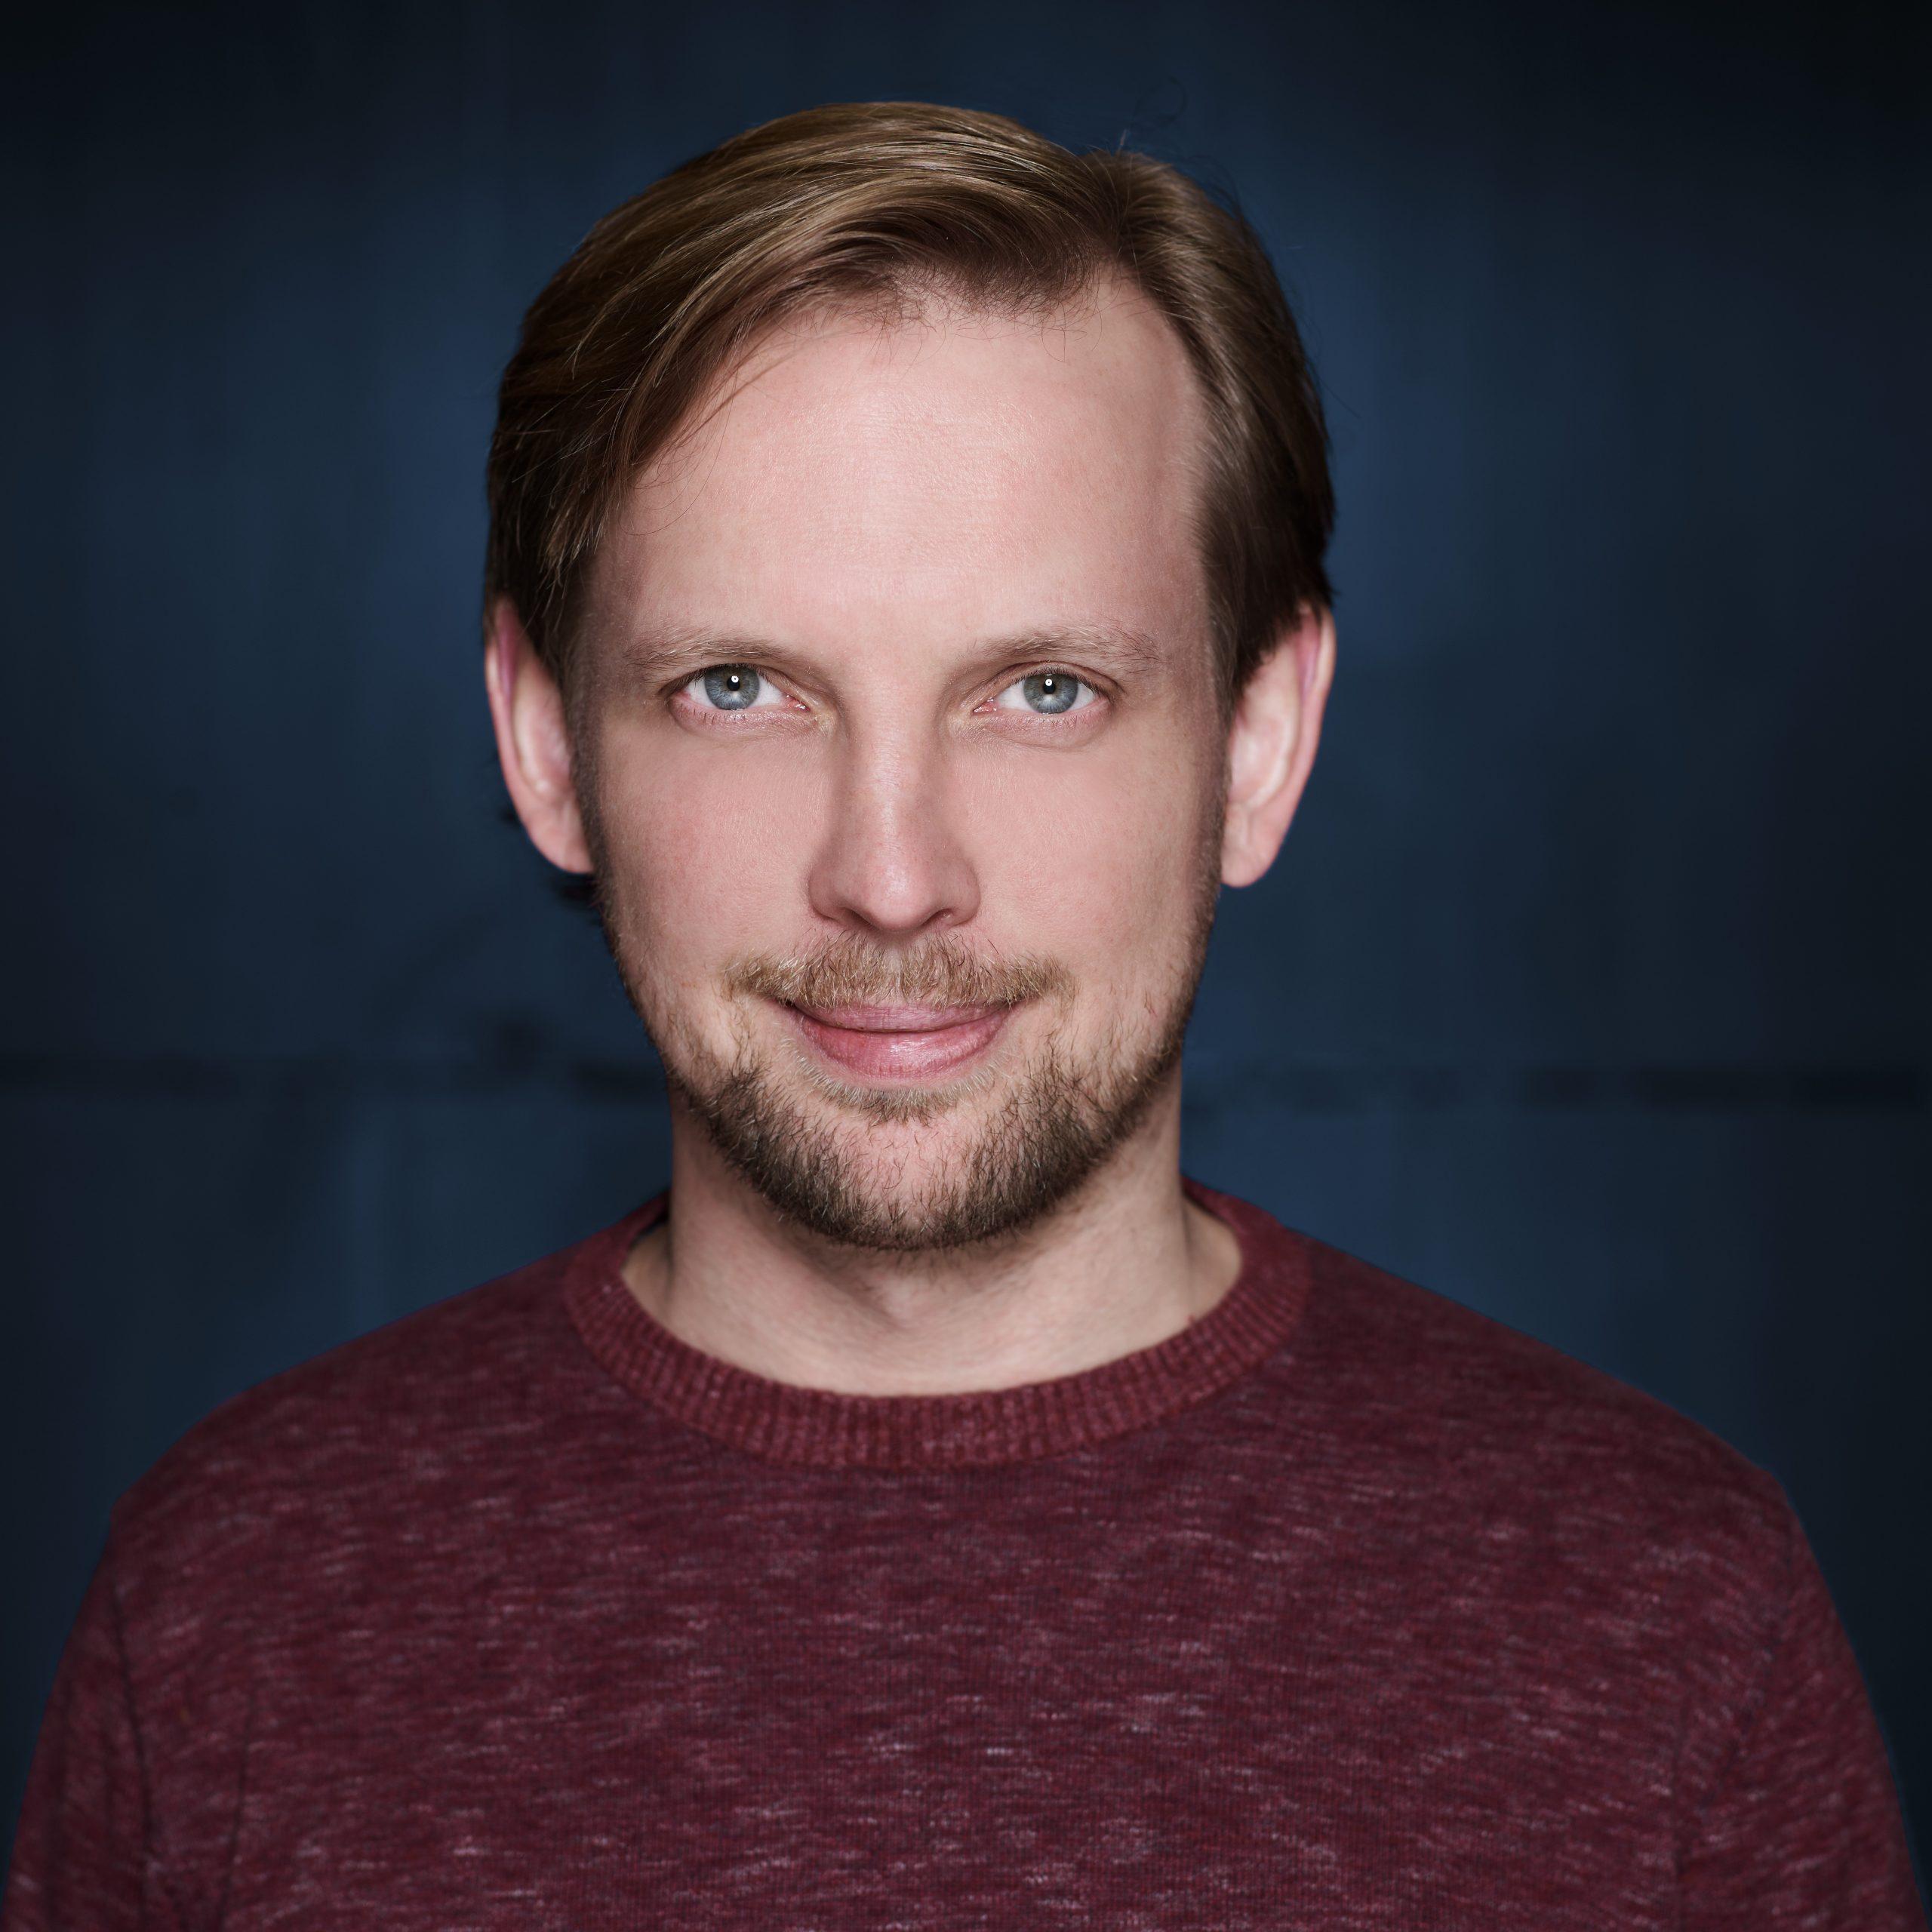 Carsten ist einer von zwei Gründern der FoxBase GmbH. Fasziniert von Datenbanken hat er nach dem Studium zunächst für zehn Jahre als IT-Berater in einem Consulting Unternehmen gewirkt. Heute vertreibt er mit dem Digital Product Selector eine SaaS-Lösung zur Digitalisierung des B2B-Vertriebs.